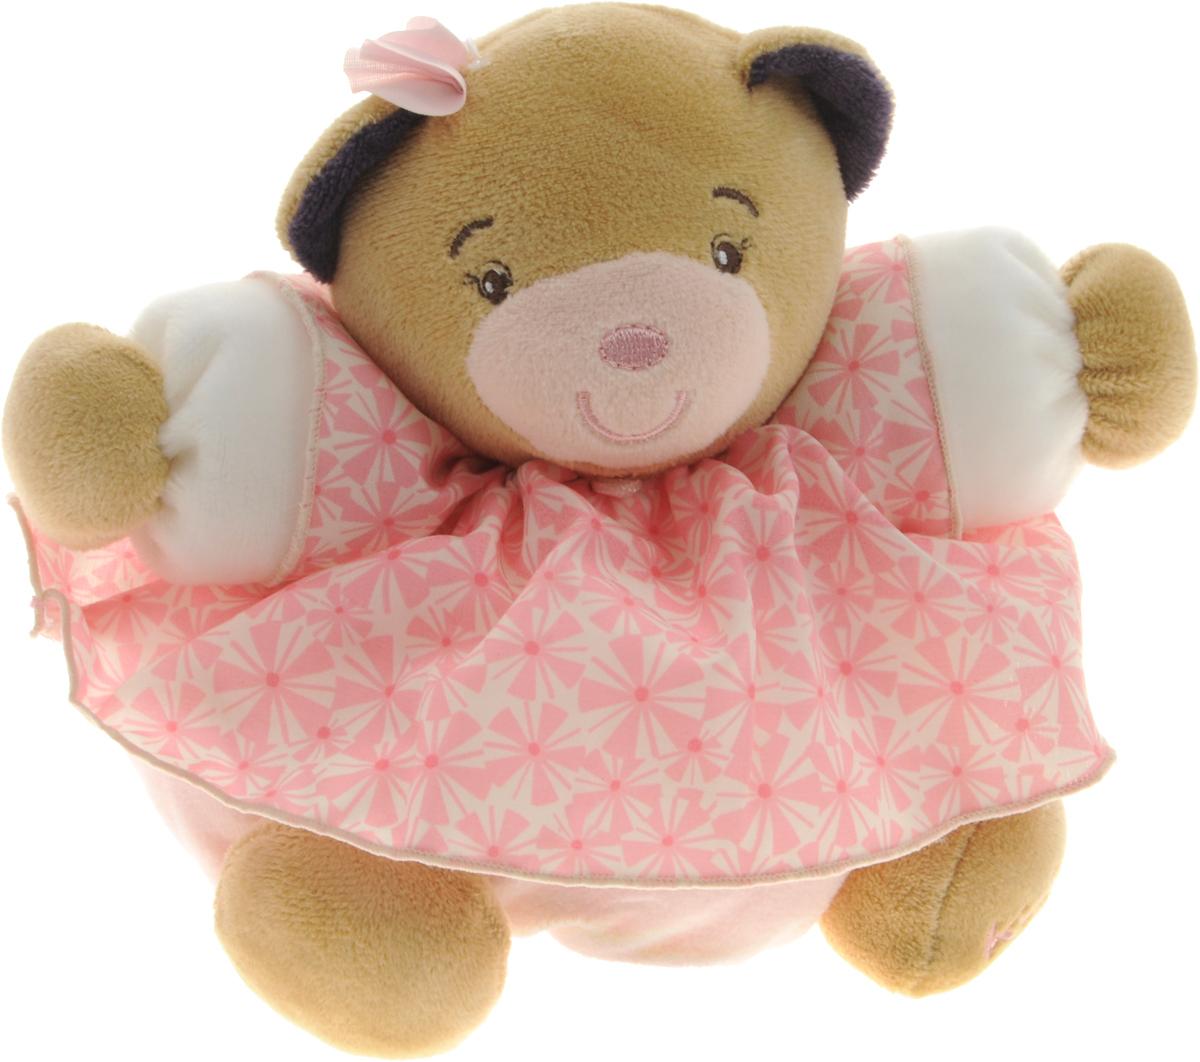 Kaloo Мягкая игрушка Мишка в розовом платье 15 смK969861Мягкая игрушка Kaloo Мишка надолго станет постоянным спутником малыша и его любимой игрушкой. Изделие выполнено из мягкого материала различных цветов. Медвежонок одет в милое платье, оформленное принтом. На левой лапке у мишки вышит логотип бренда. Игры с мягкими игрушками развивают тактильную чувствительность и сенсорное восприятие. После стирки изделие не деформируется и не меняет внешний вид. Все игрушки Kaloo прошли множественные тесты и соответствуют мировым стандартам безопасности. Именно поэтому игрушки рекомендованы для детей с рождения, что отличает их от большинства производителей мягких игрушек. Дизайнеры Kaloo продумывают и придают значение каждому этапу в производстве игрушек, начиная от эскиза и заканчивая упаковкой готового изделия.